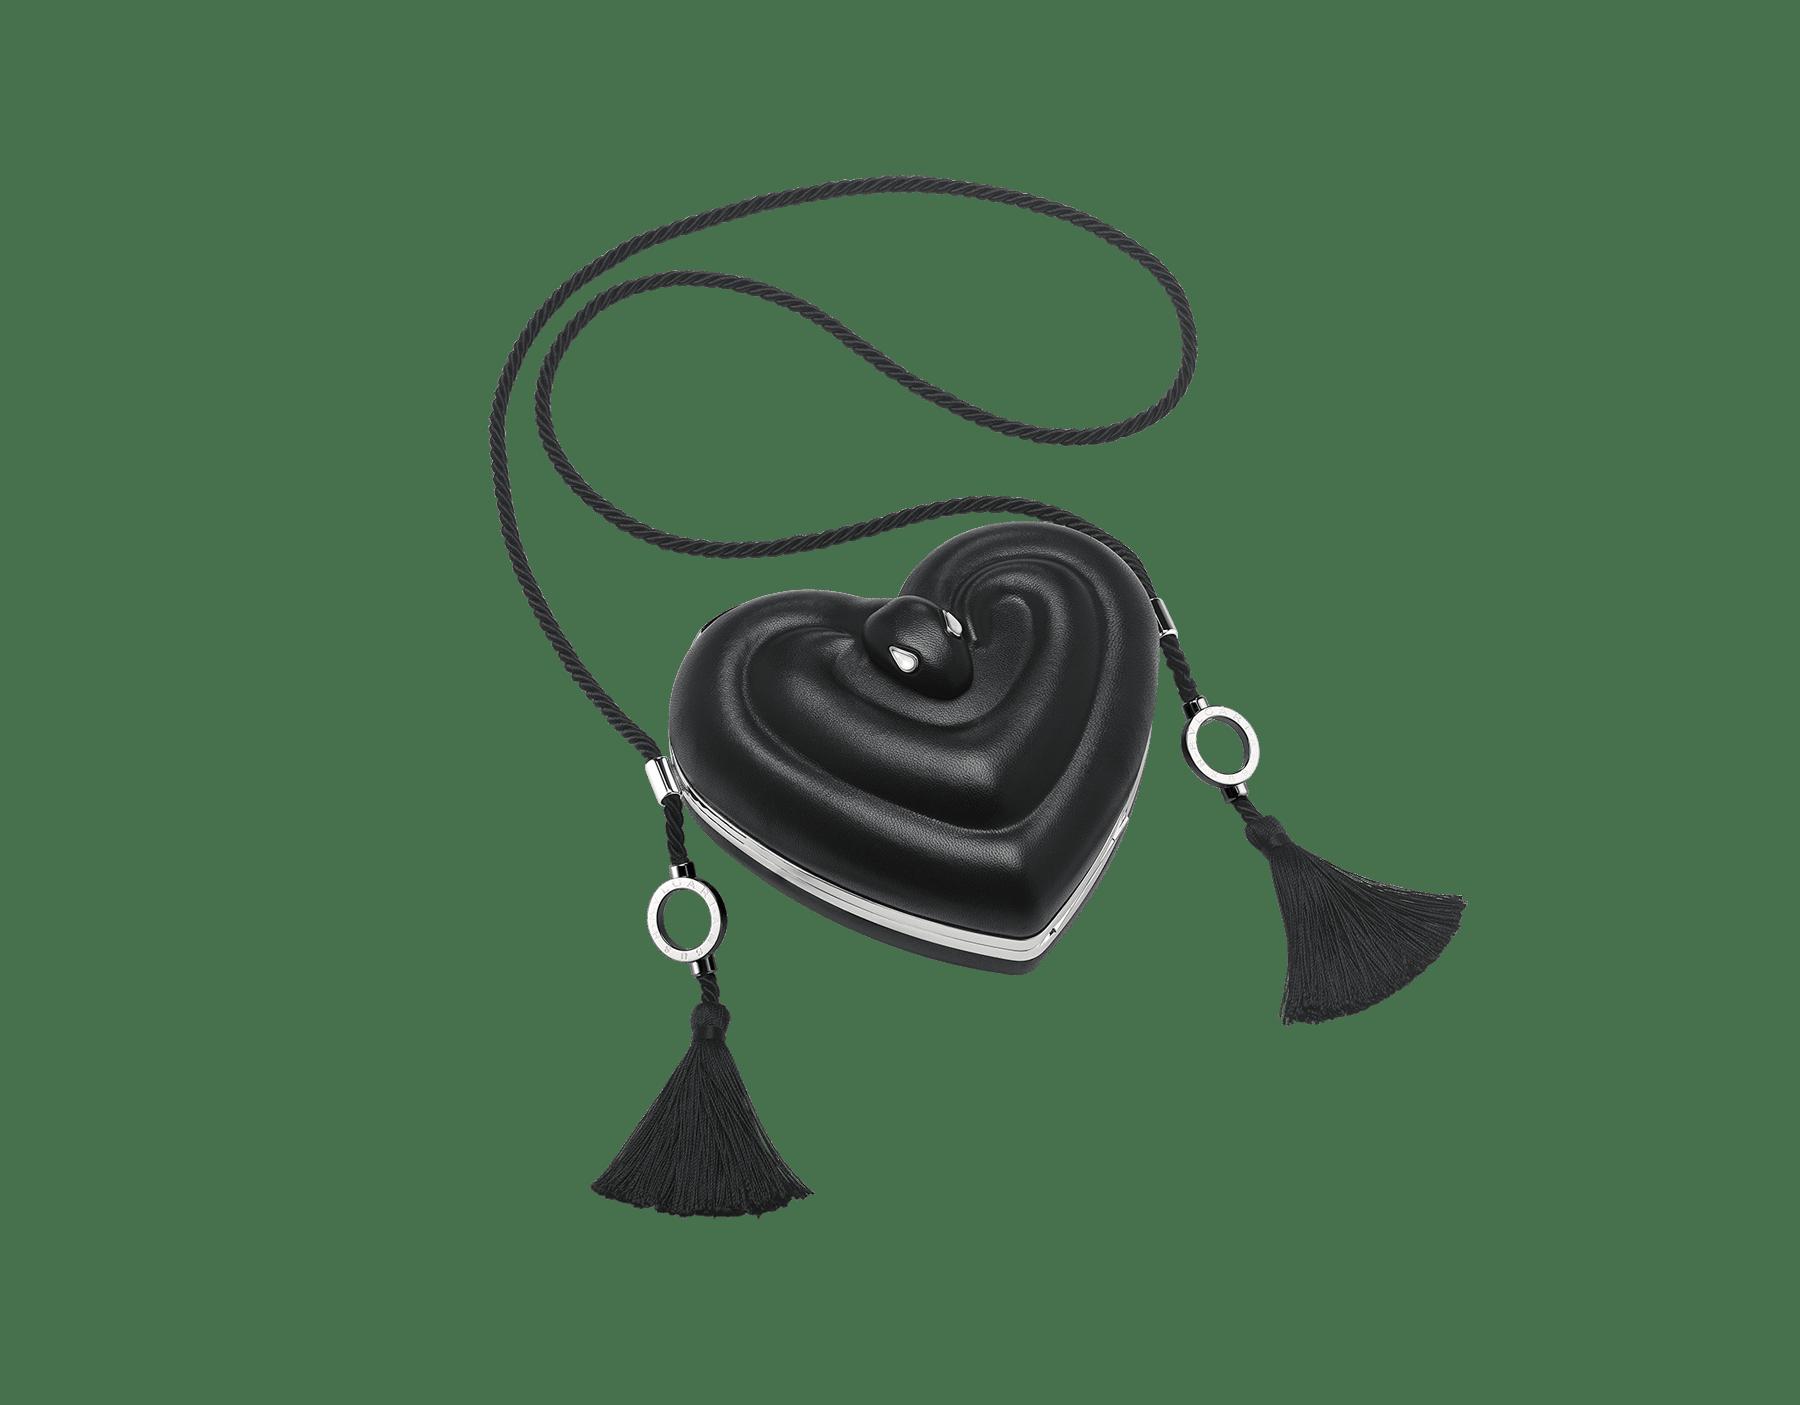 Minaudière Ambush x Bvlgari en aluminium avec une doublure en cuir nappa noir et des détails en laiton. Nouveau fermoir emblématique Serpenti avec yeux en onyx au charme envoûtant. Édition limitée. YA-MINAUDIERE image 1